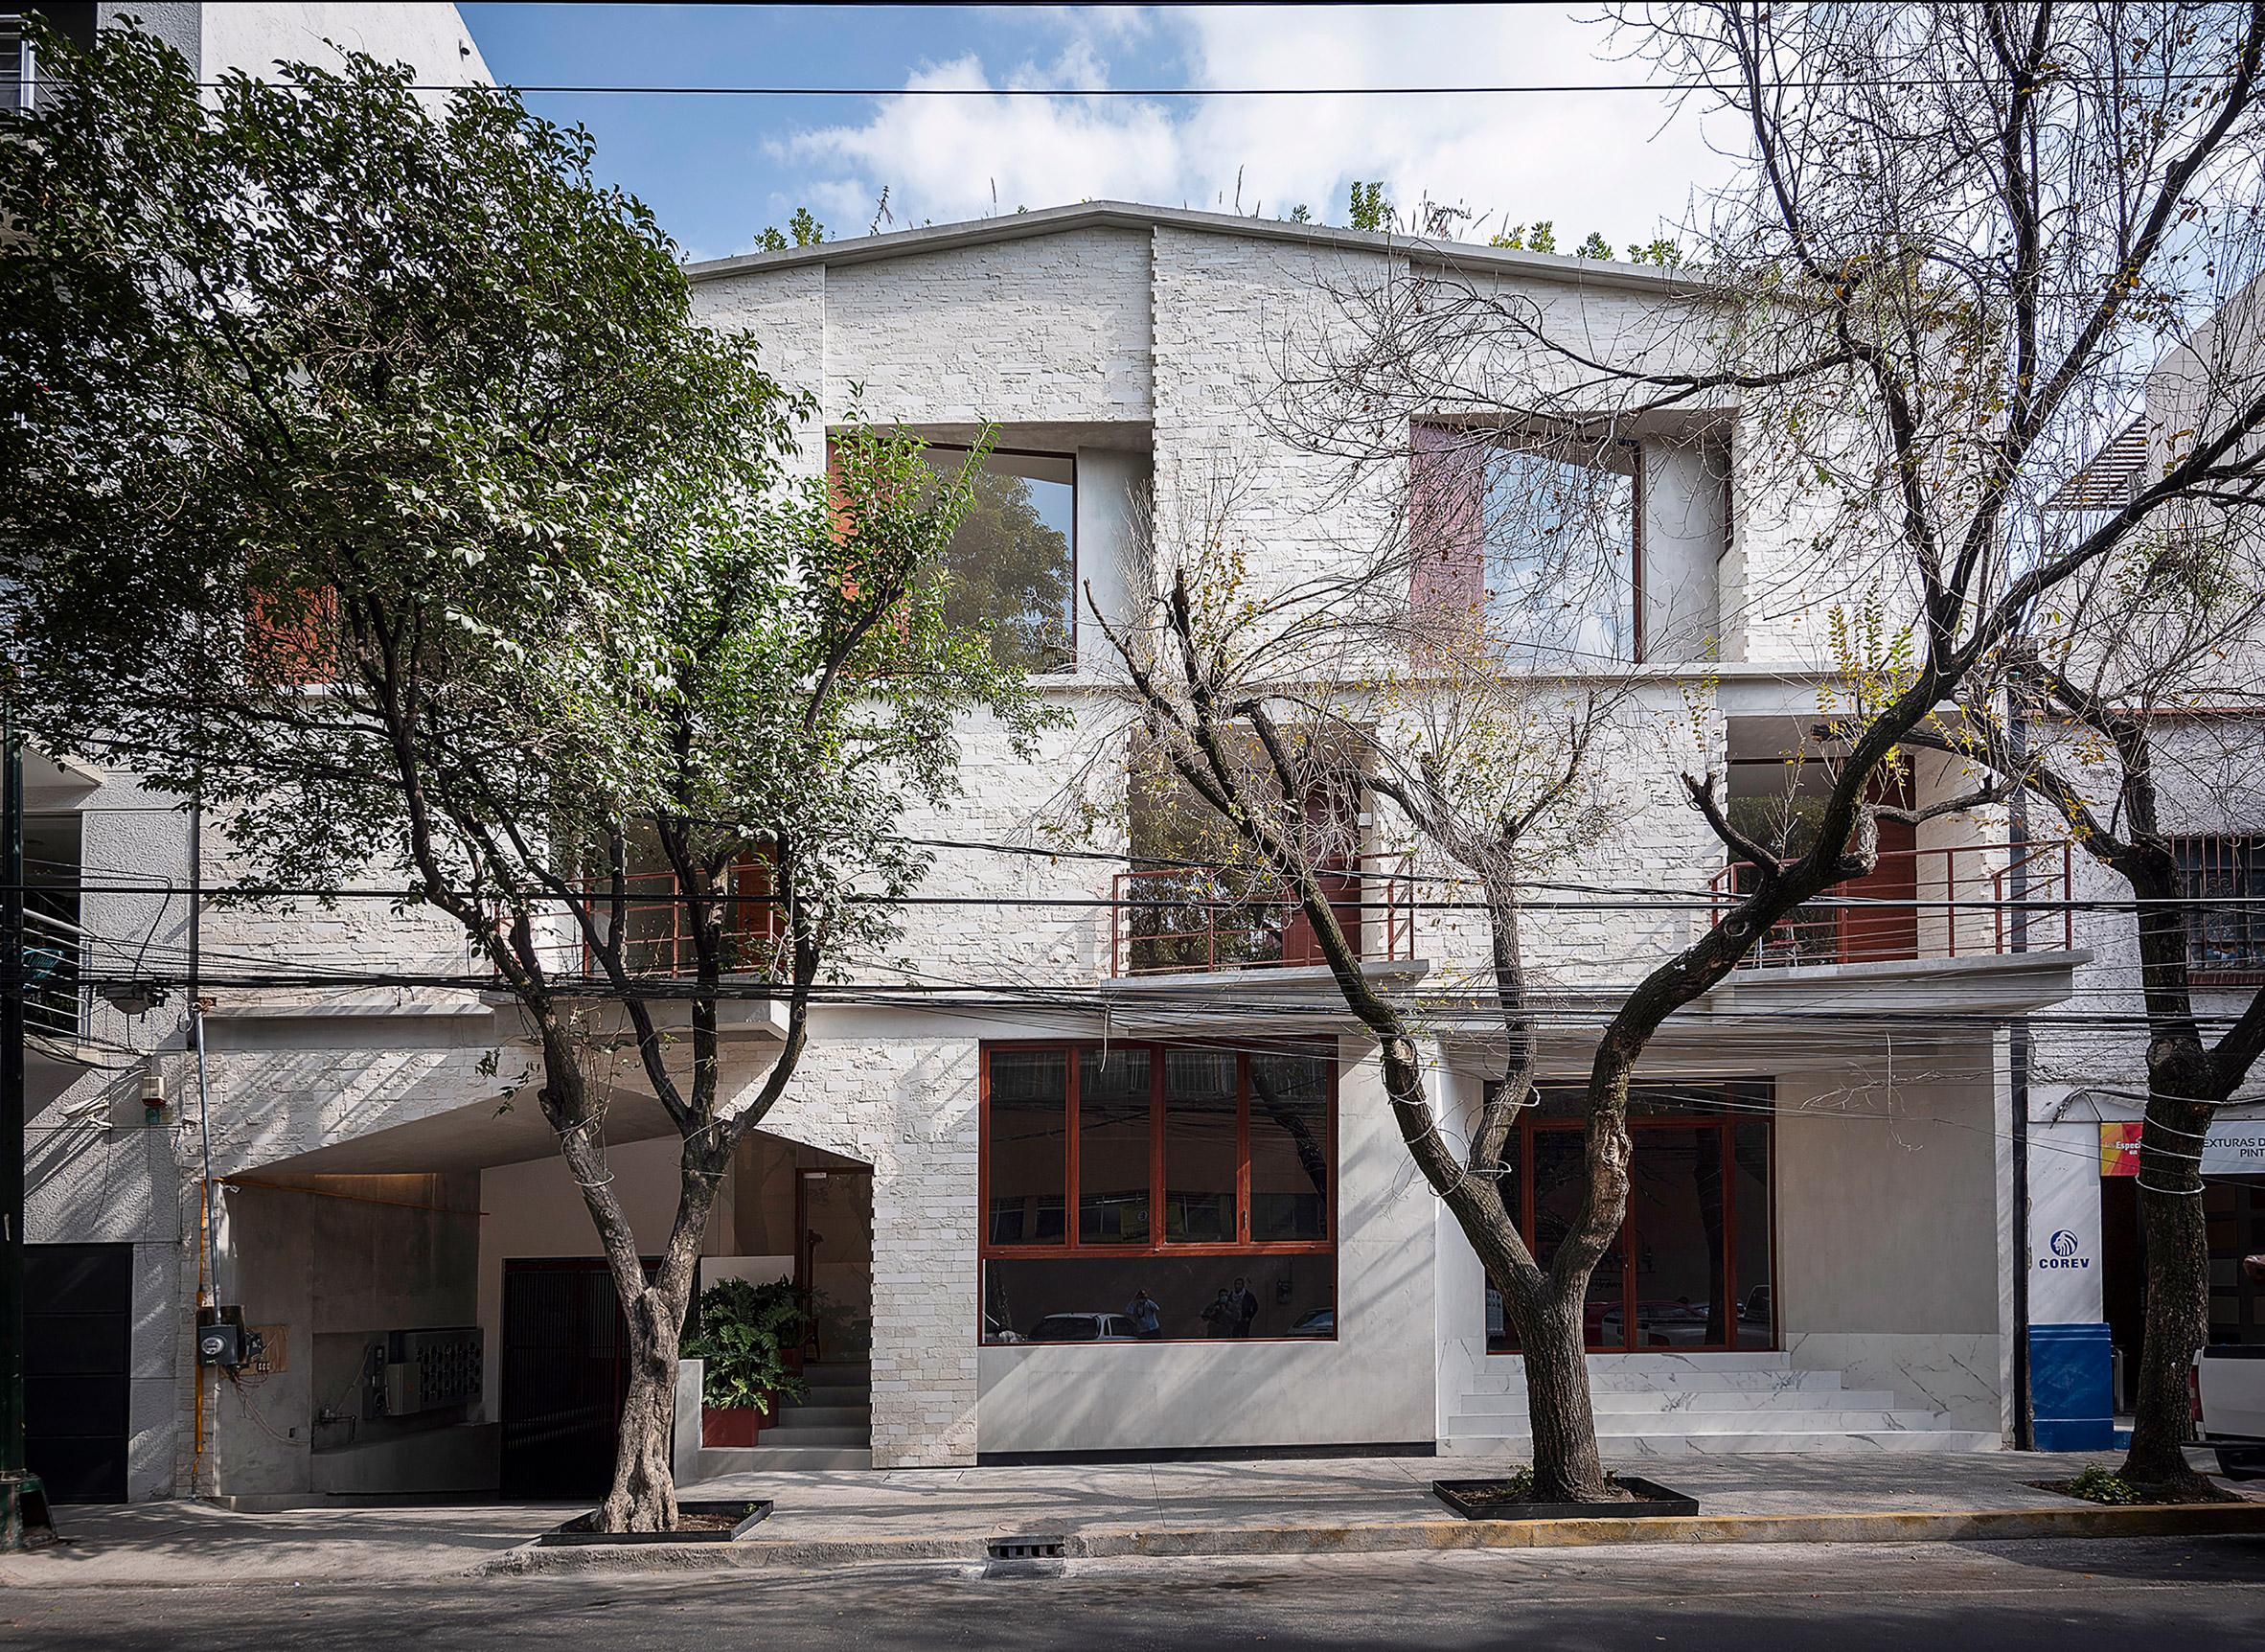 CPDA Arquitectos created rustic-looking facades